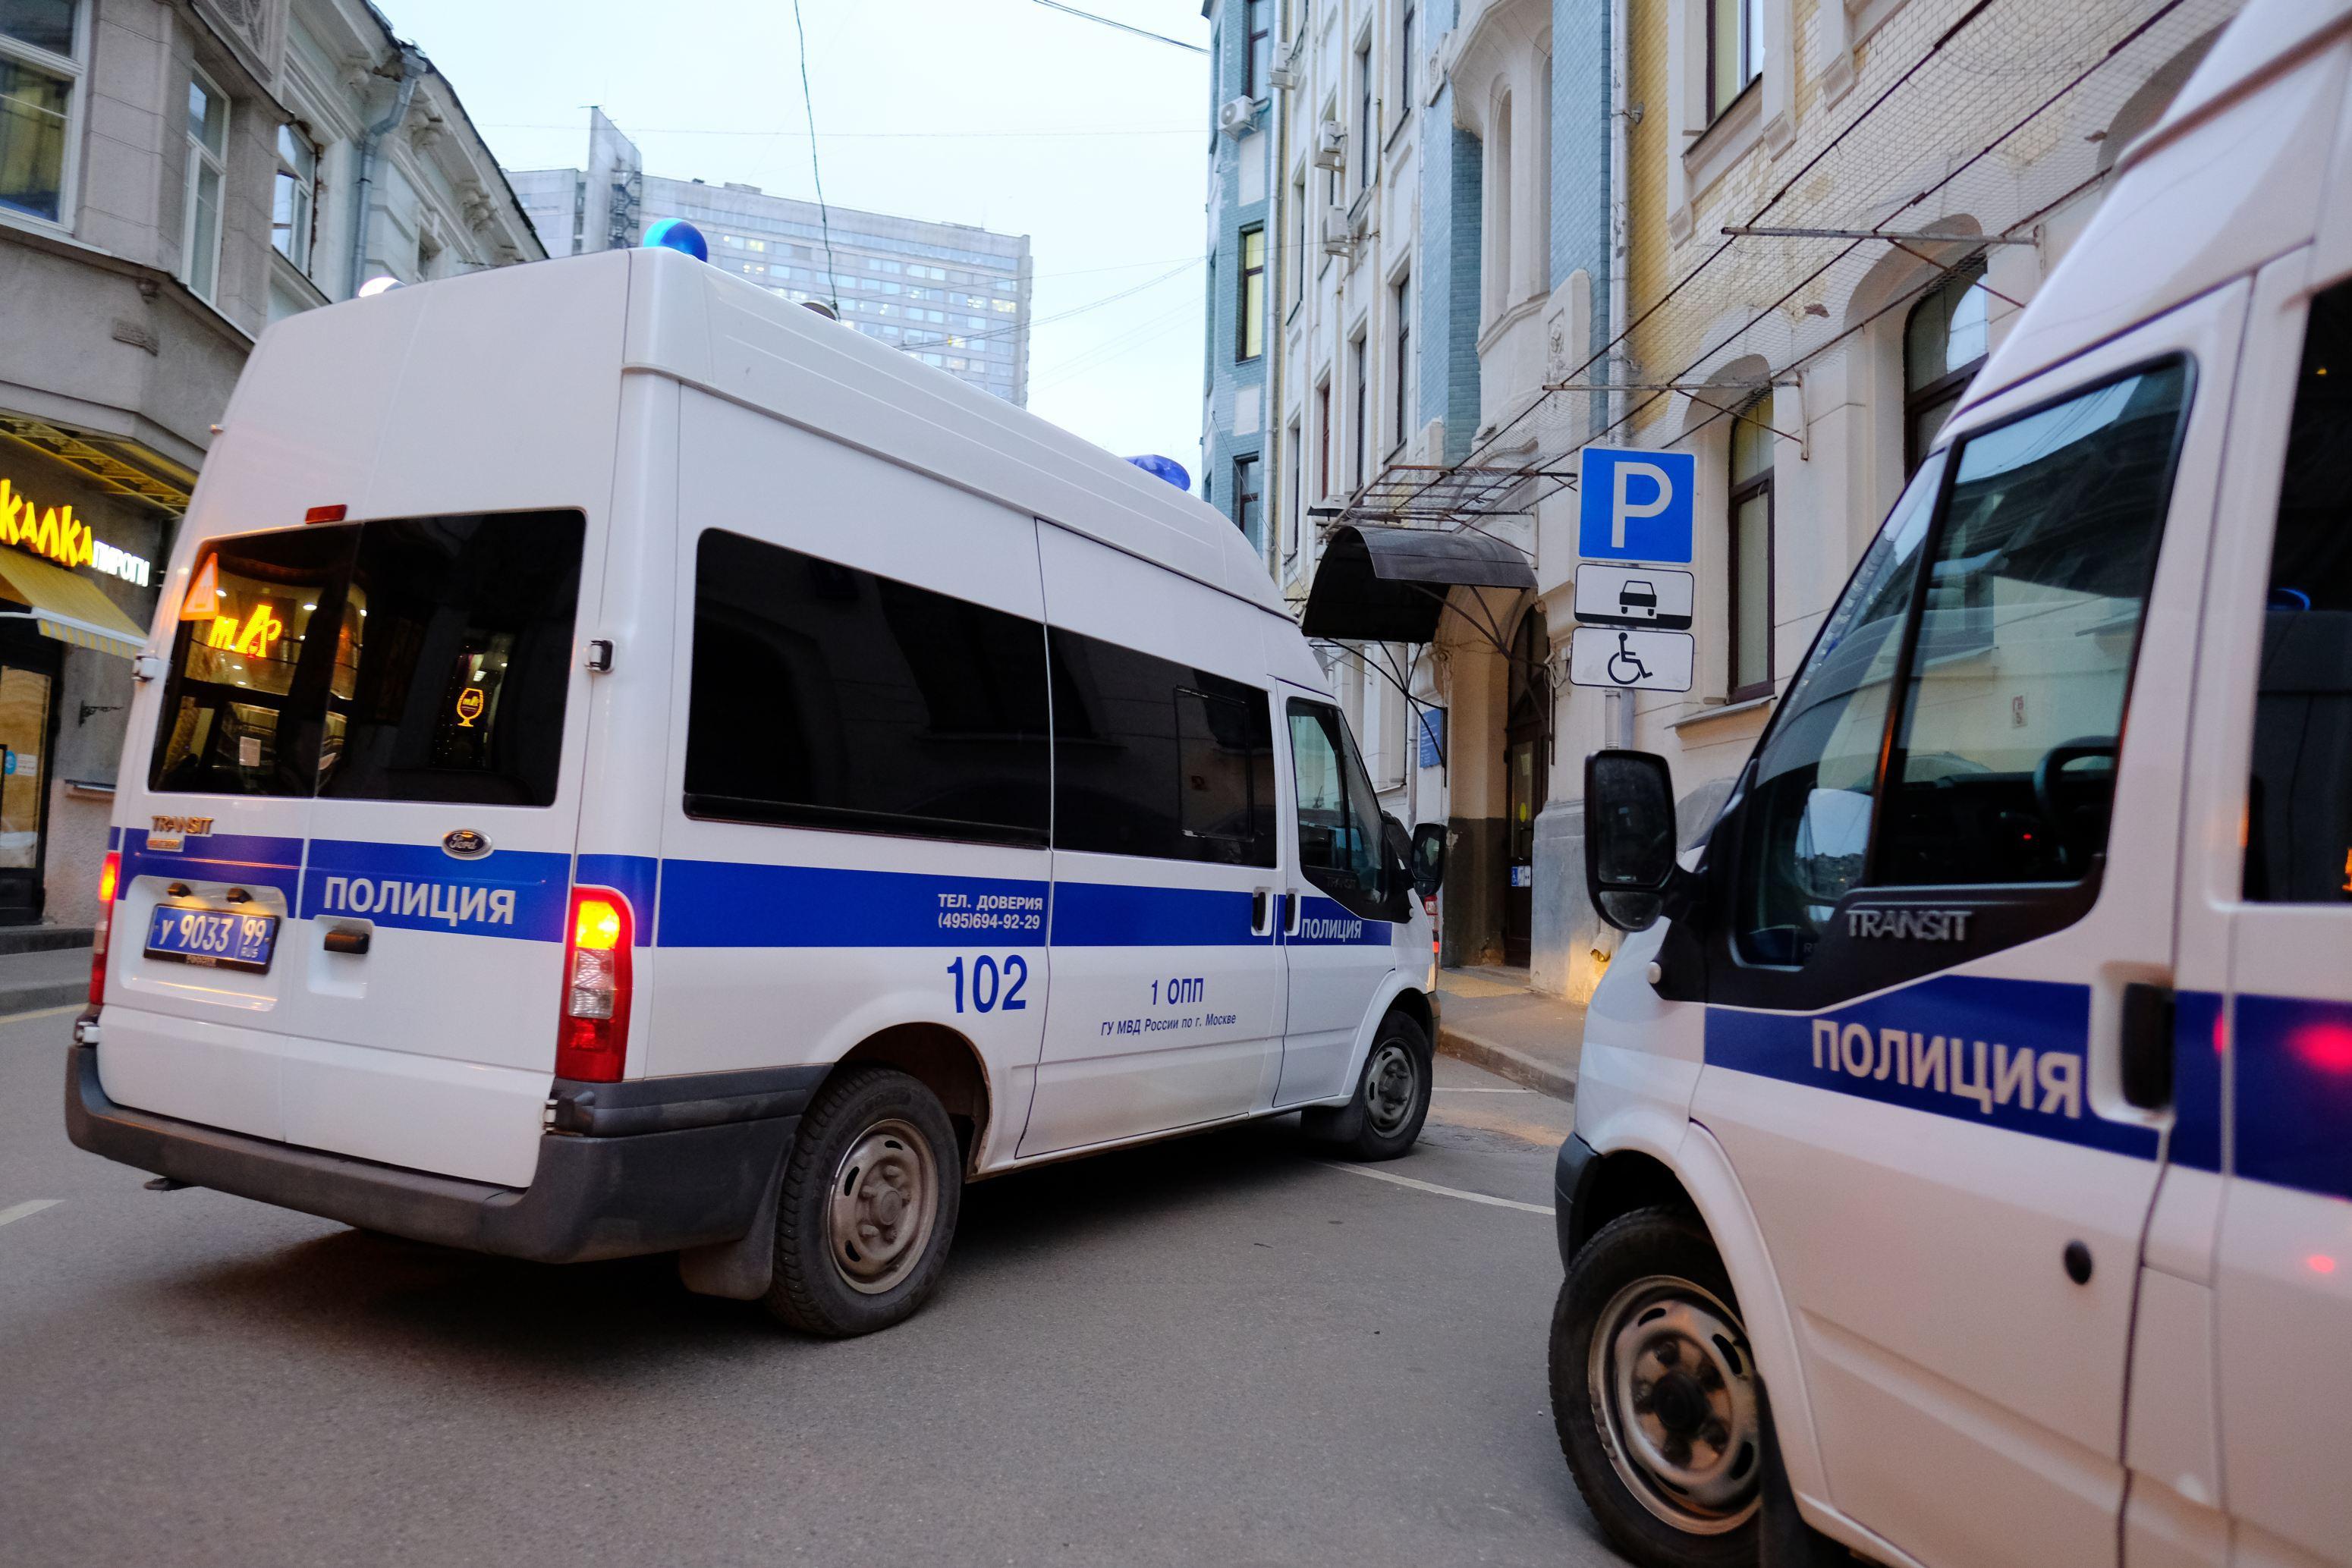 ALERTĂ la Moscova: Un autobuz a intrat în plin într-un grup de pietoni. Trei oameni au fost răniţi